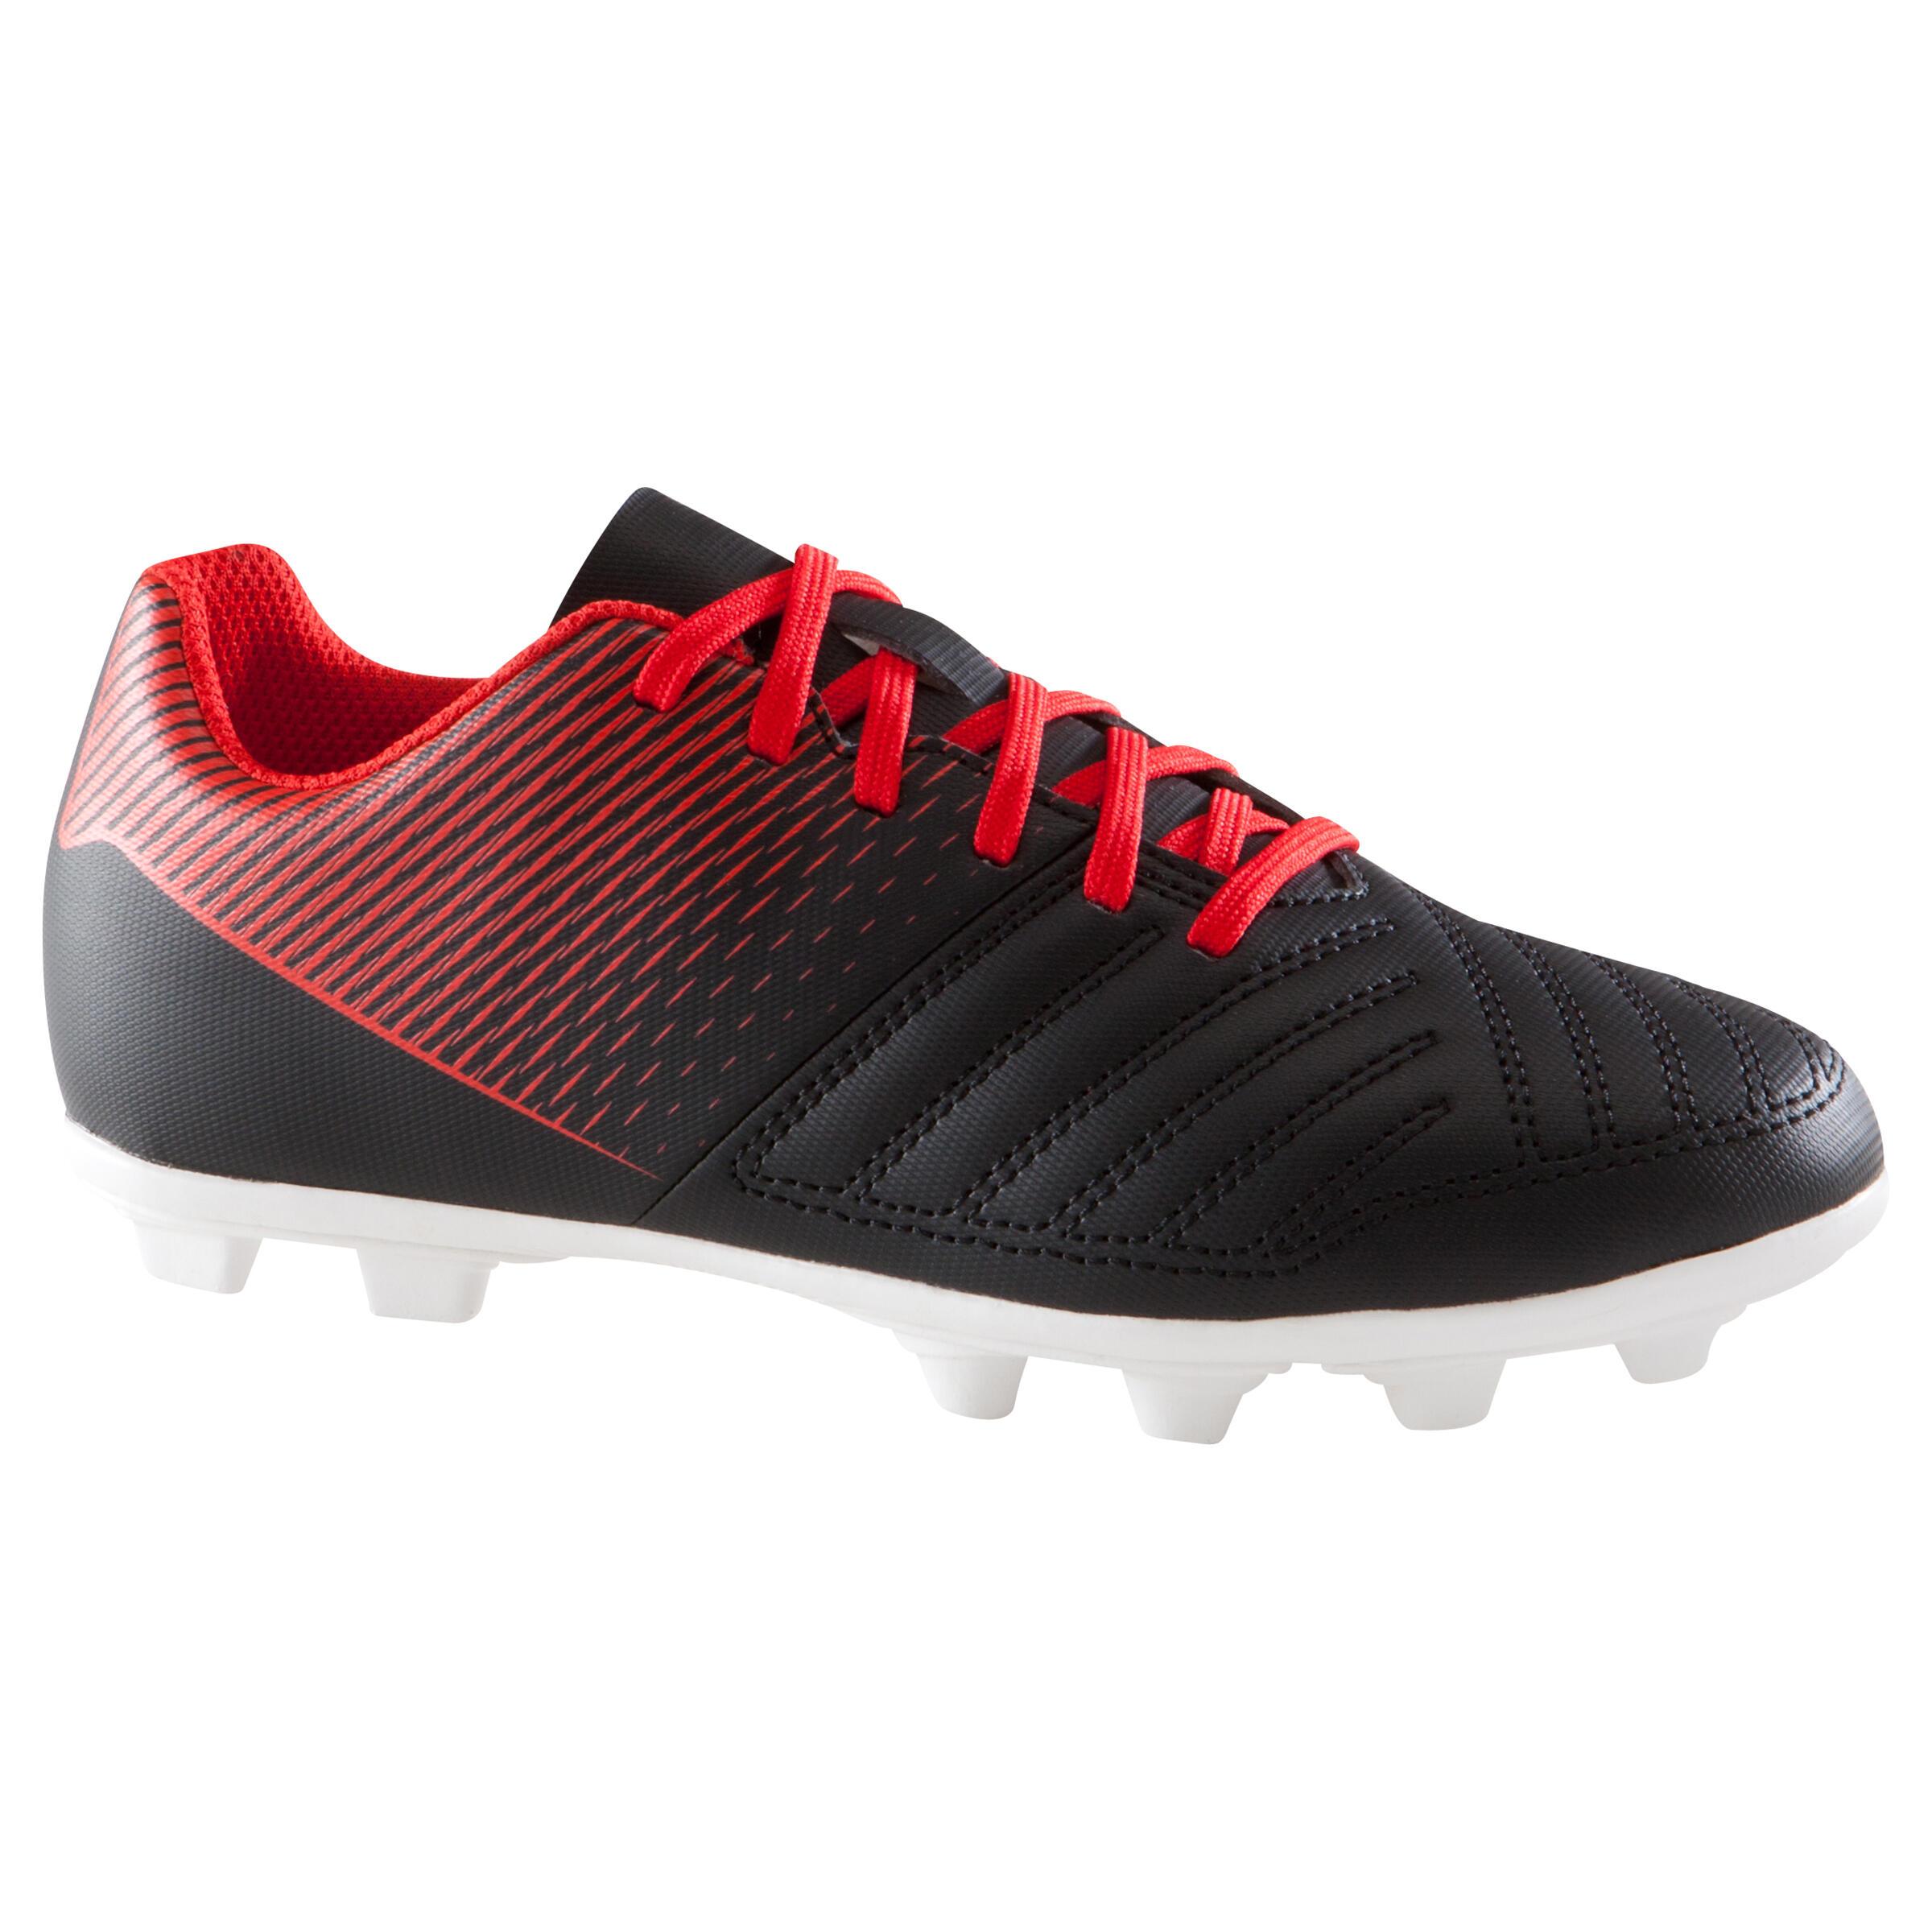 Chaussure de football enfant terrain sec Agility 100 FG noire ...